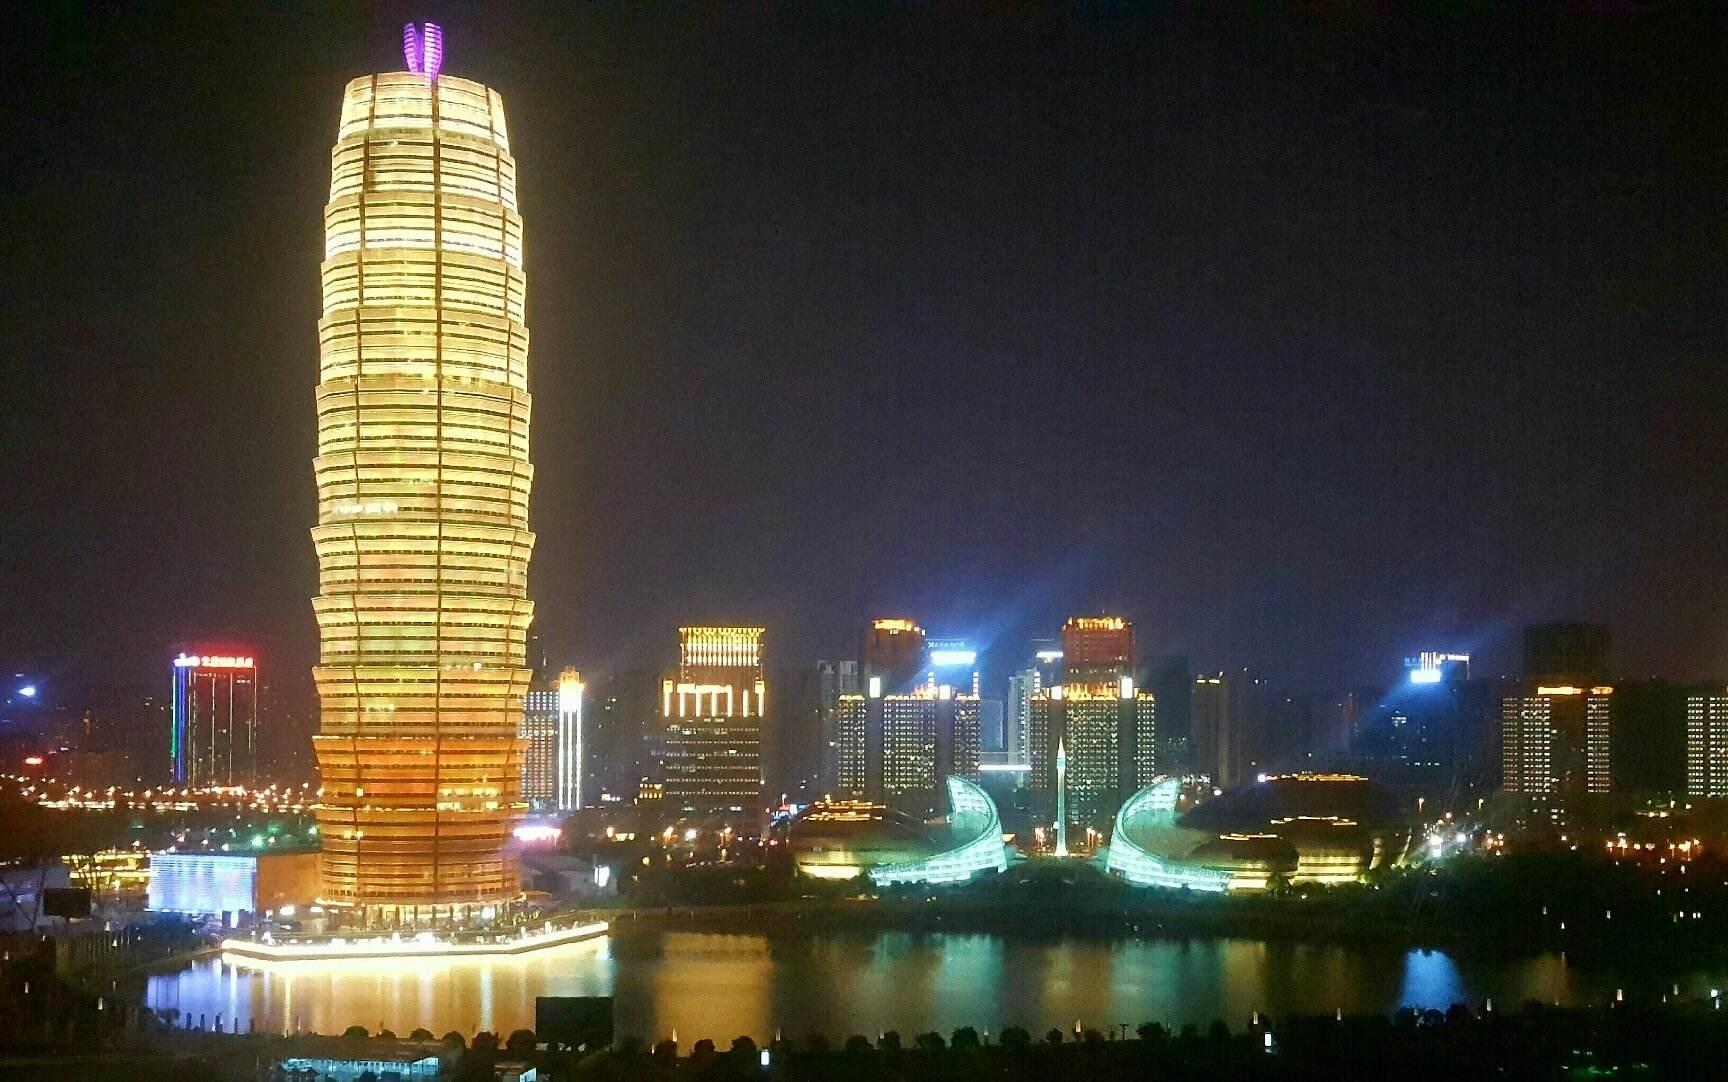 台湾GDP上海_我国经济发达的城市上海,GDP将近4万亿,有望超越台湾省